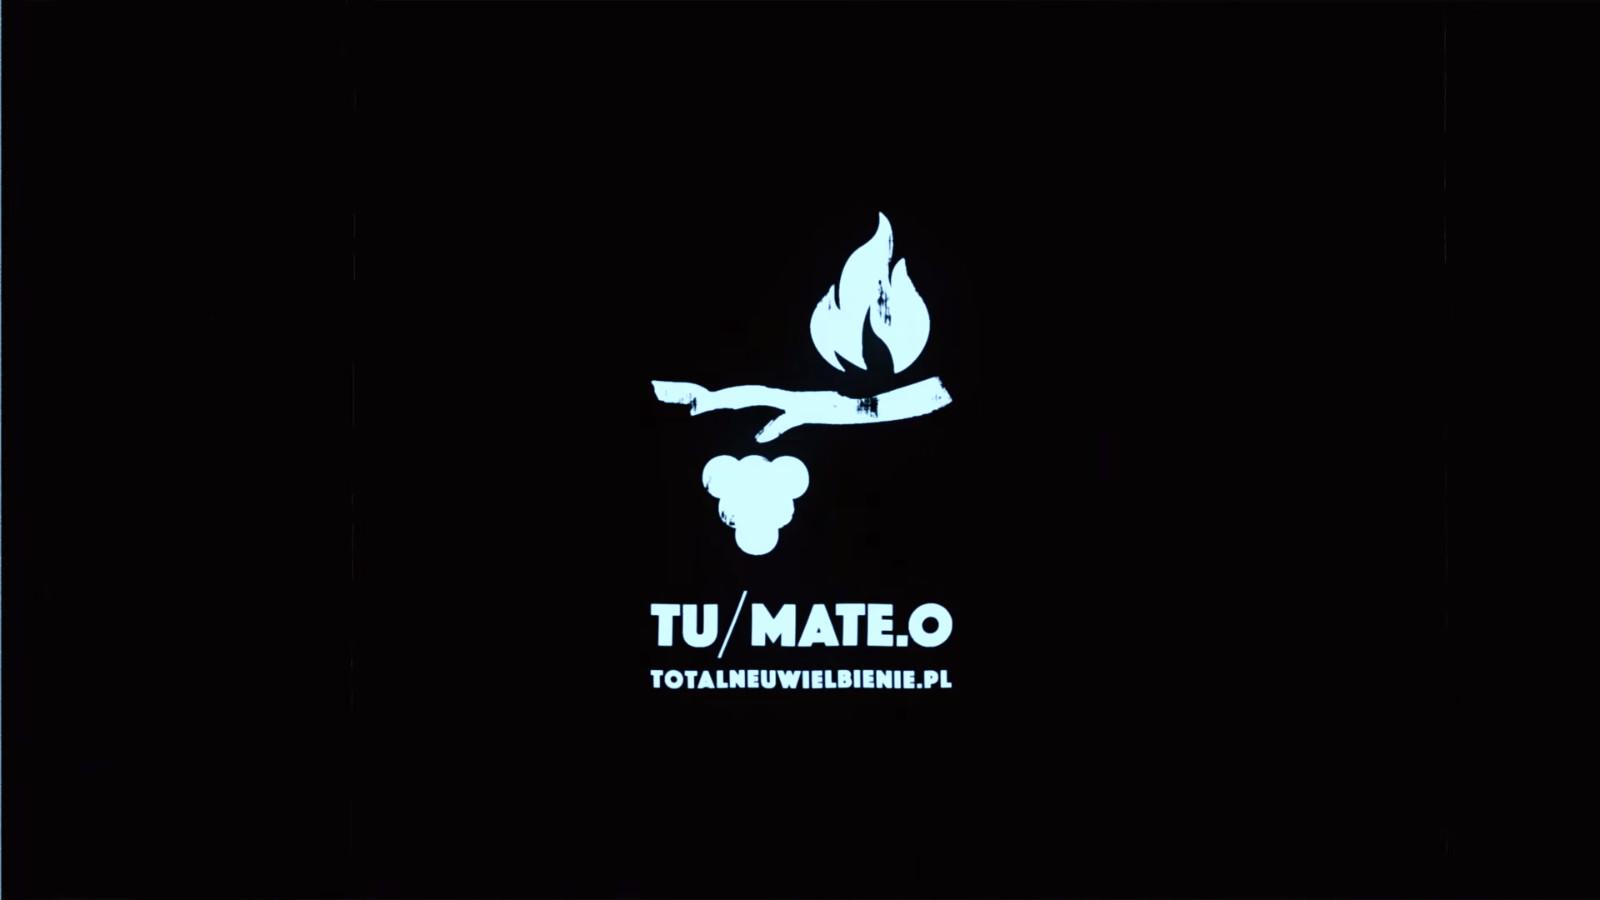 TU / Mate.O - Totalne Uwielbienie